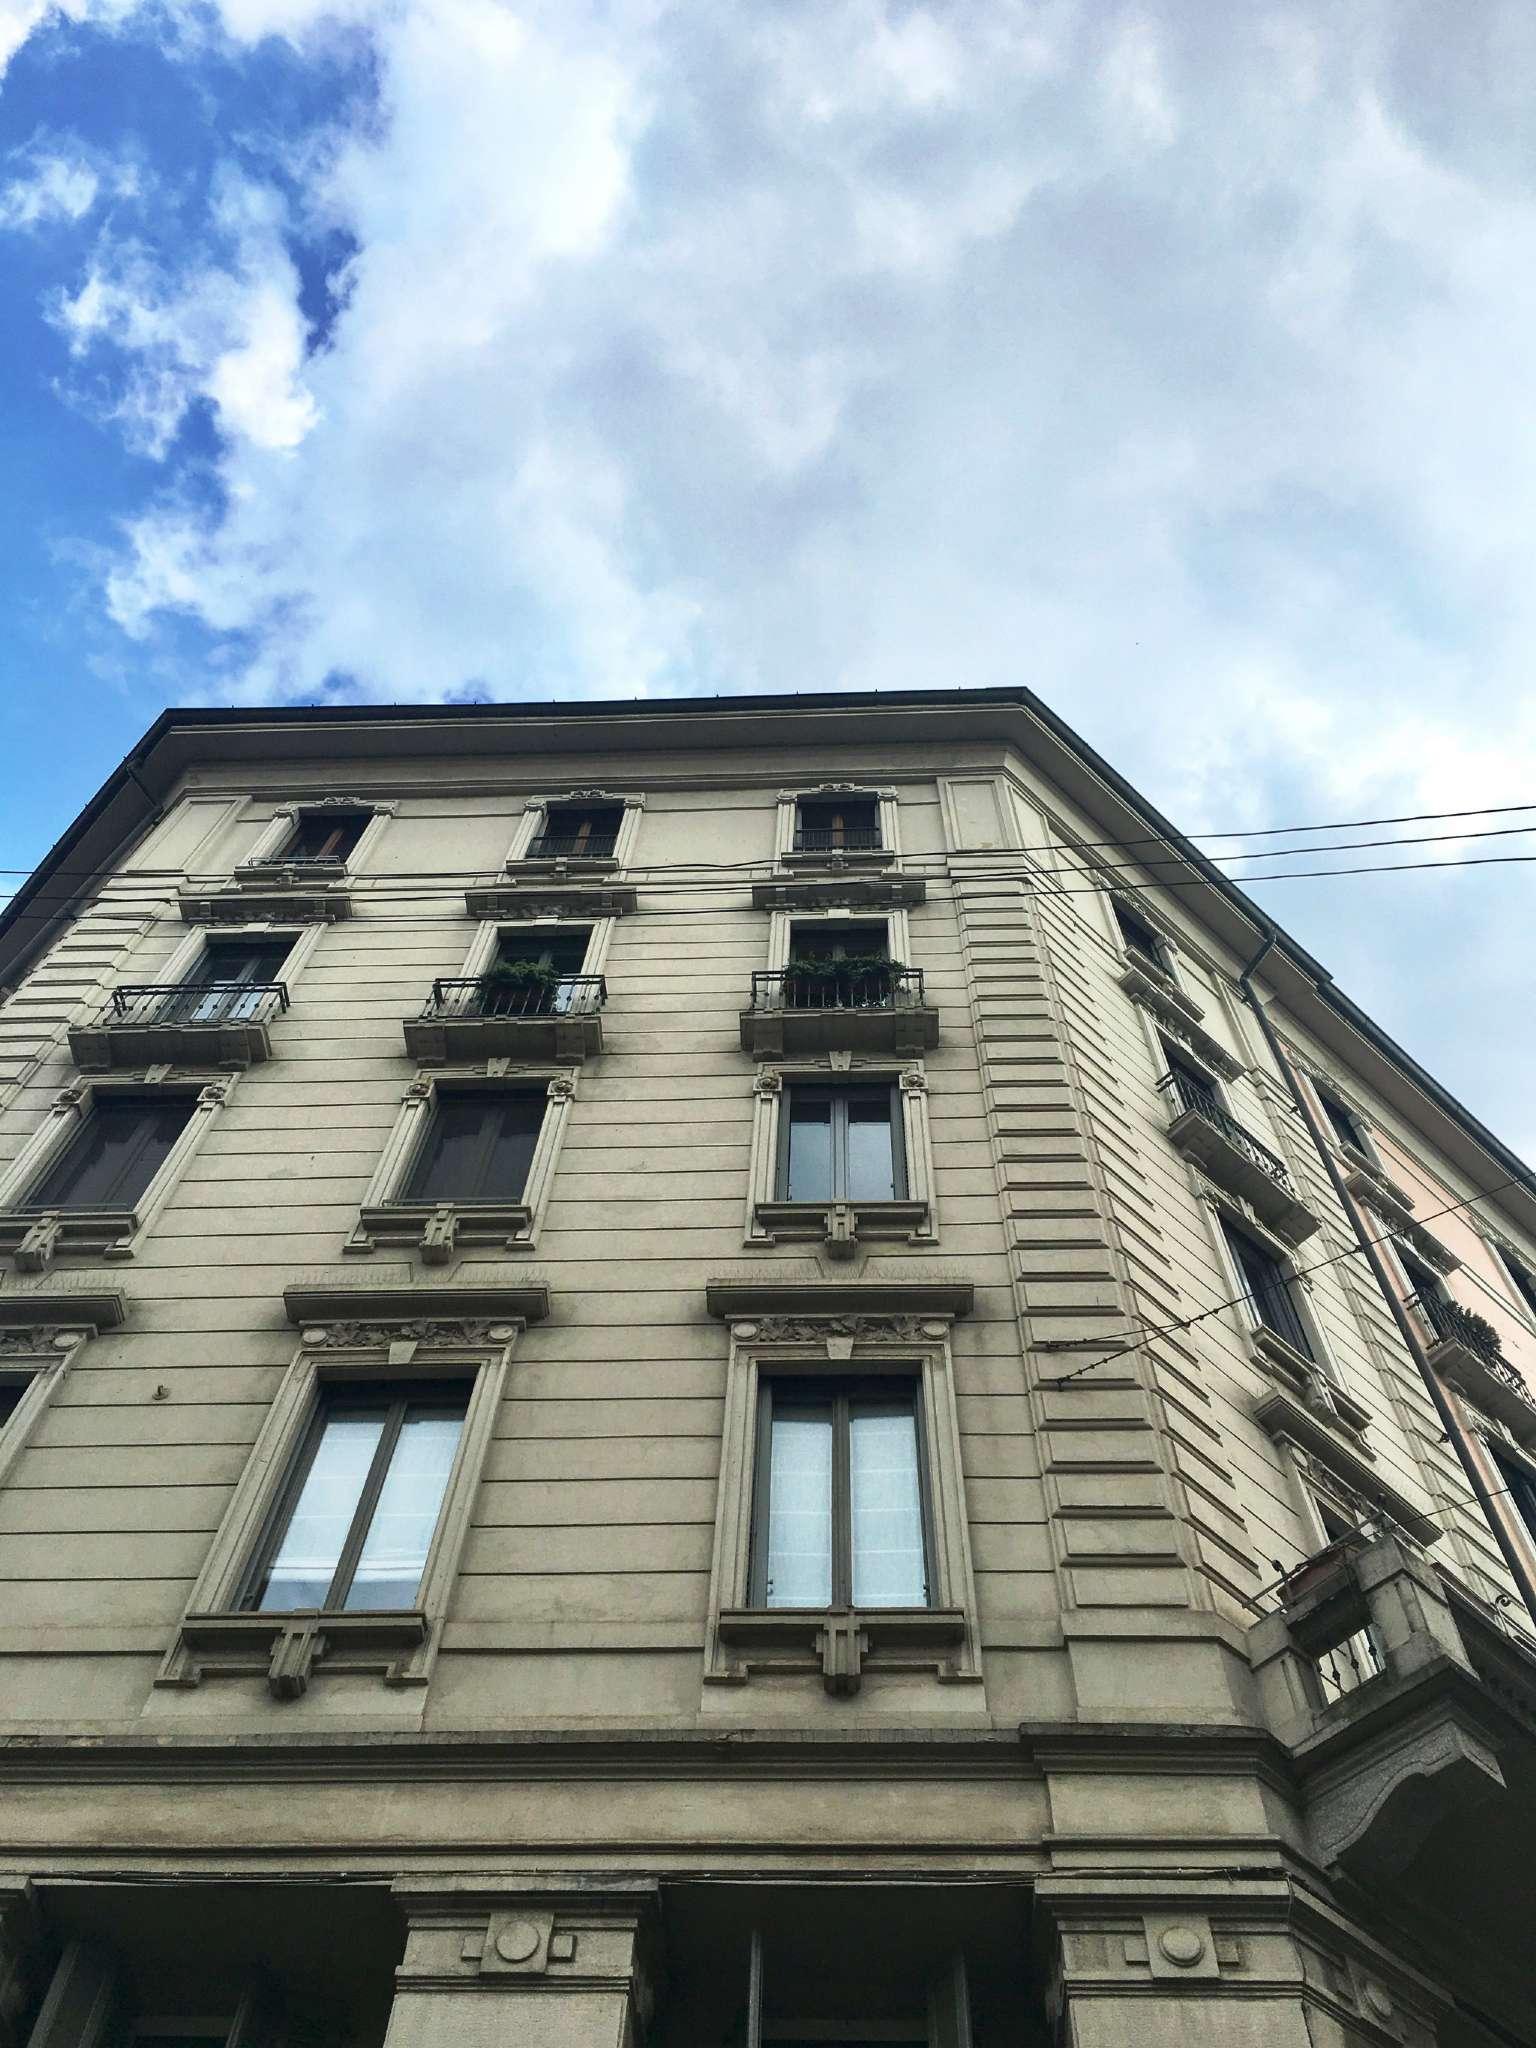 Appartamento in Vendita a Milano: 4 locali, 135 mq - Foto 8